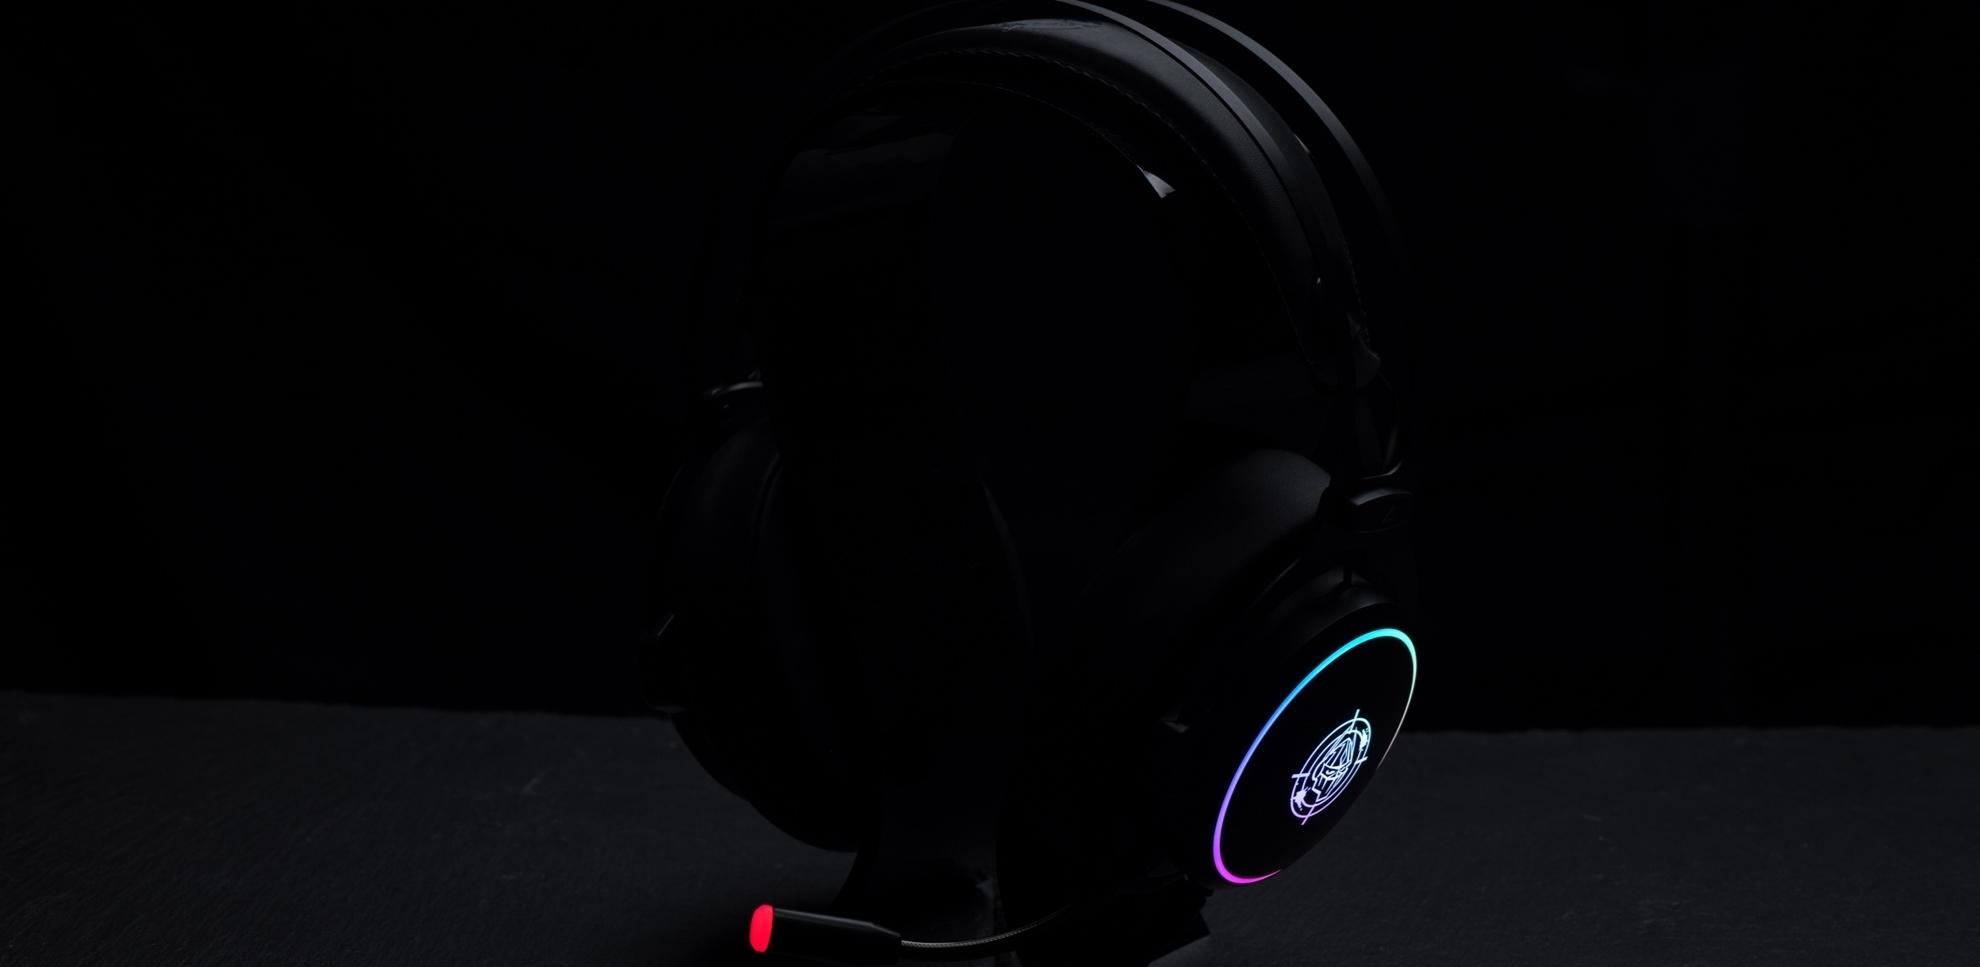 ZeroGround Hatano 2.0  - Gaming headset